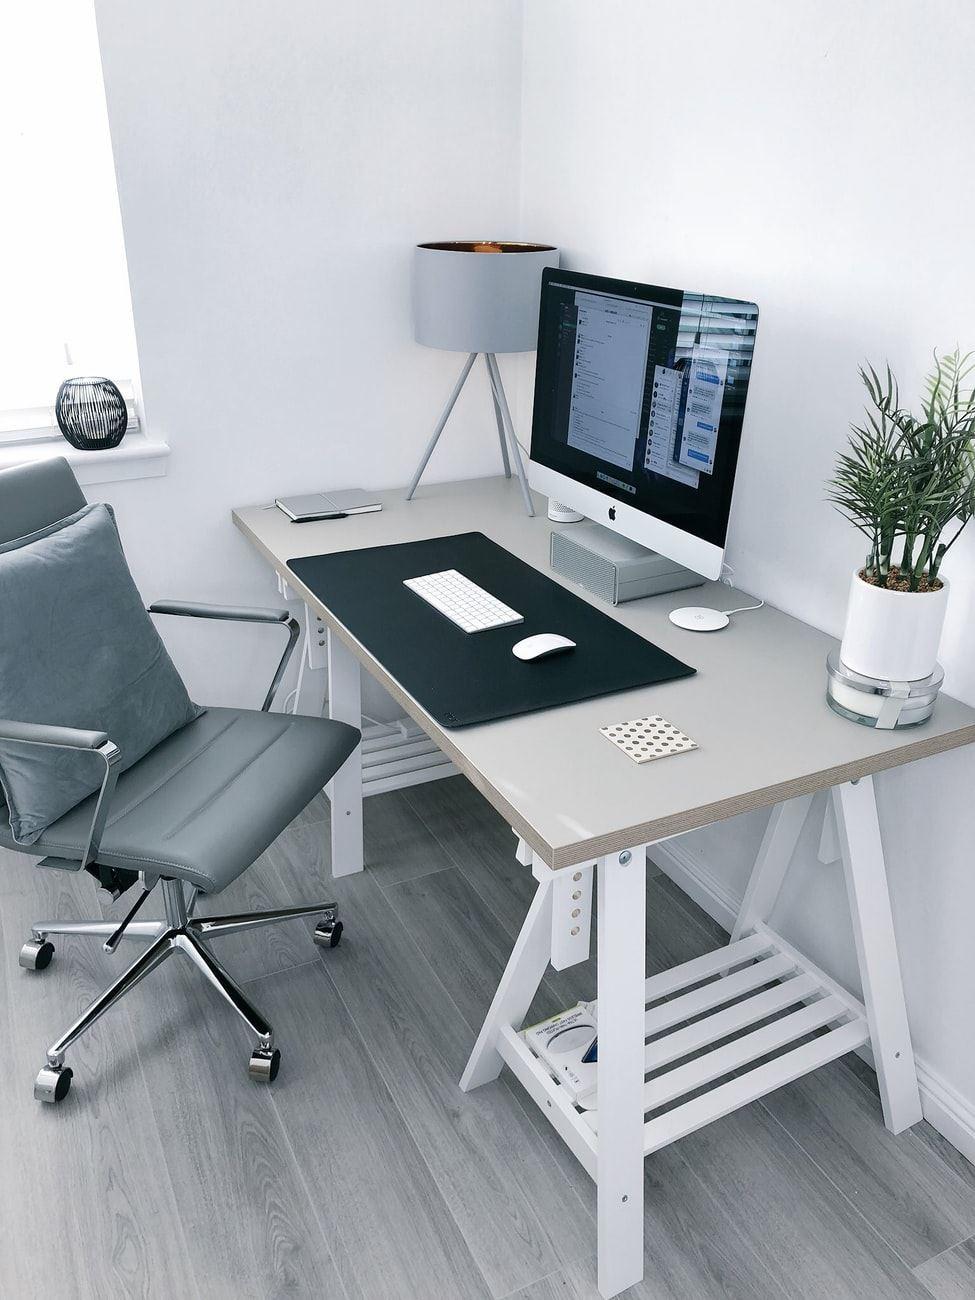 Kontor med skrivebord og computer